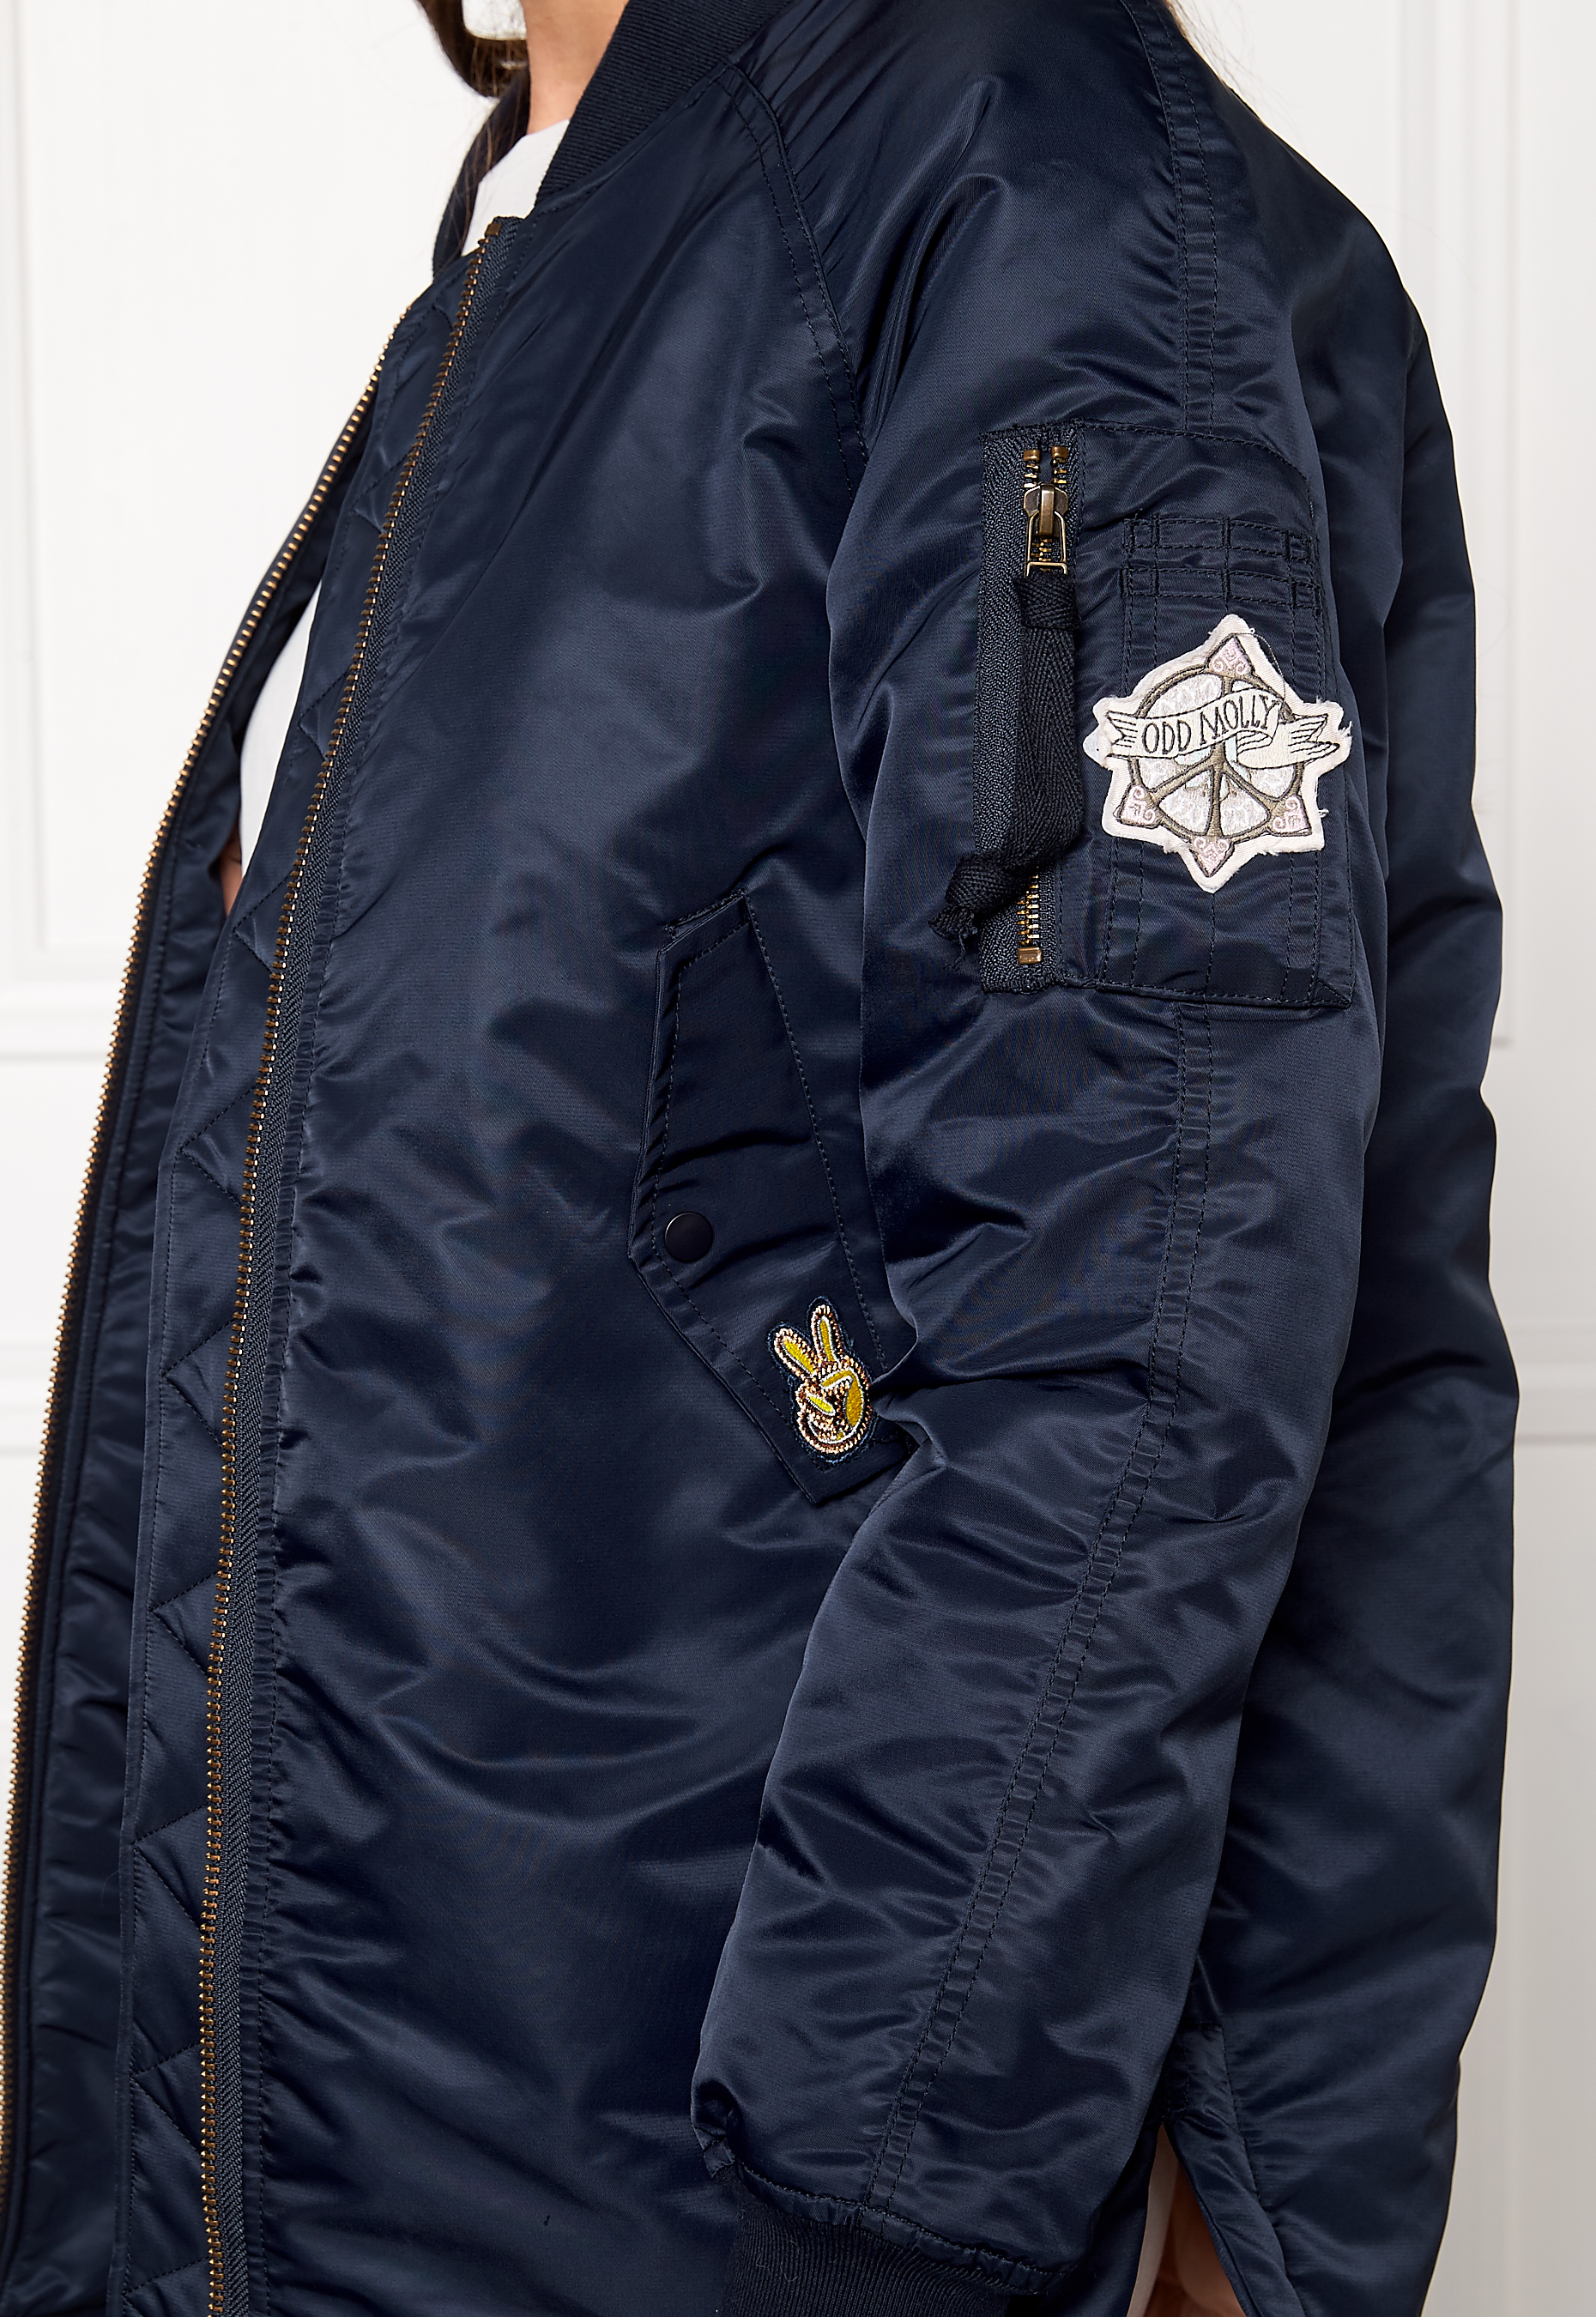 e6c10caa6e2a Odd Molly Love Bomber Jacket Dark Navy - Bubbleroom